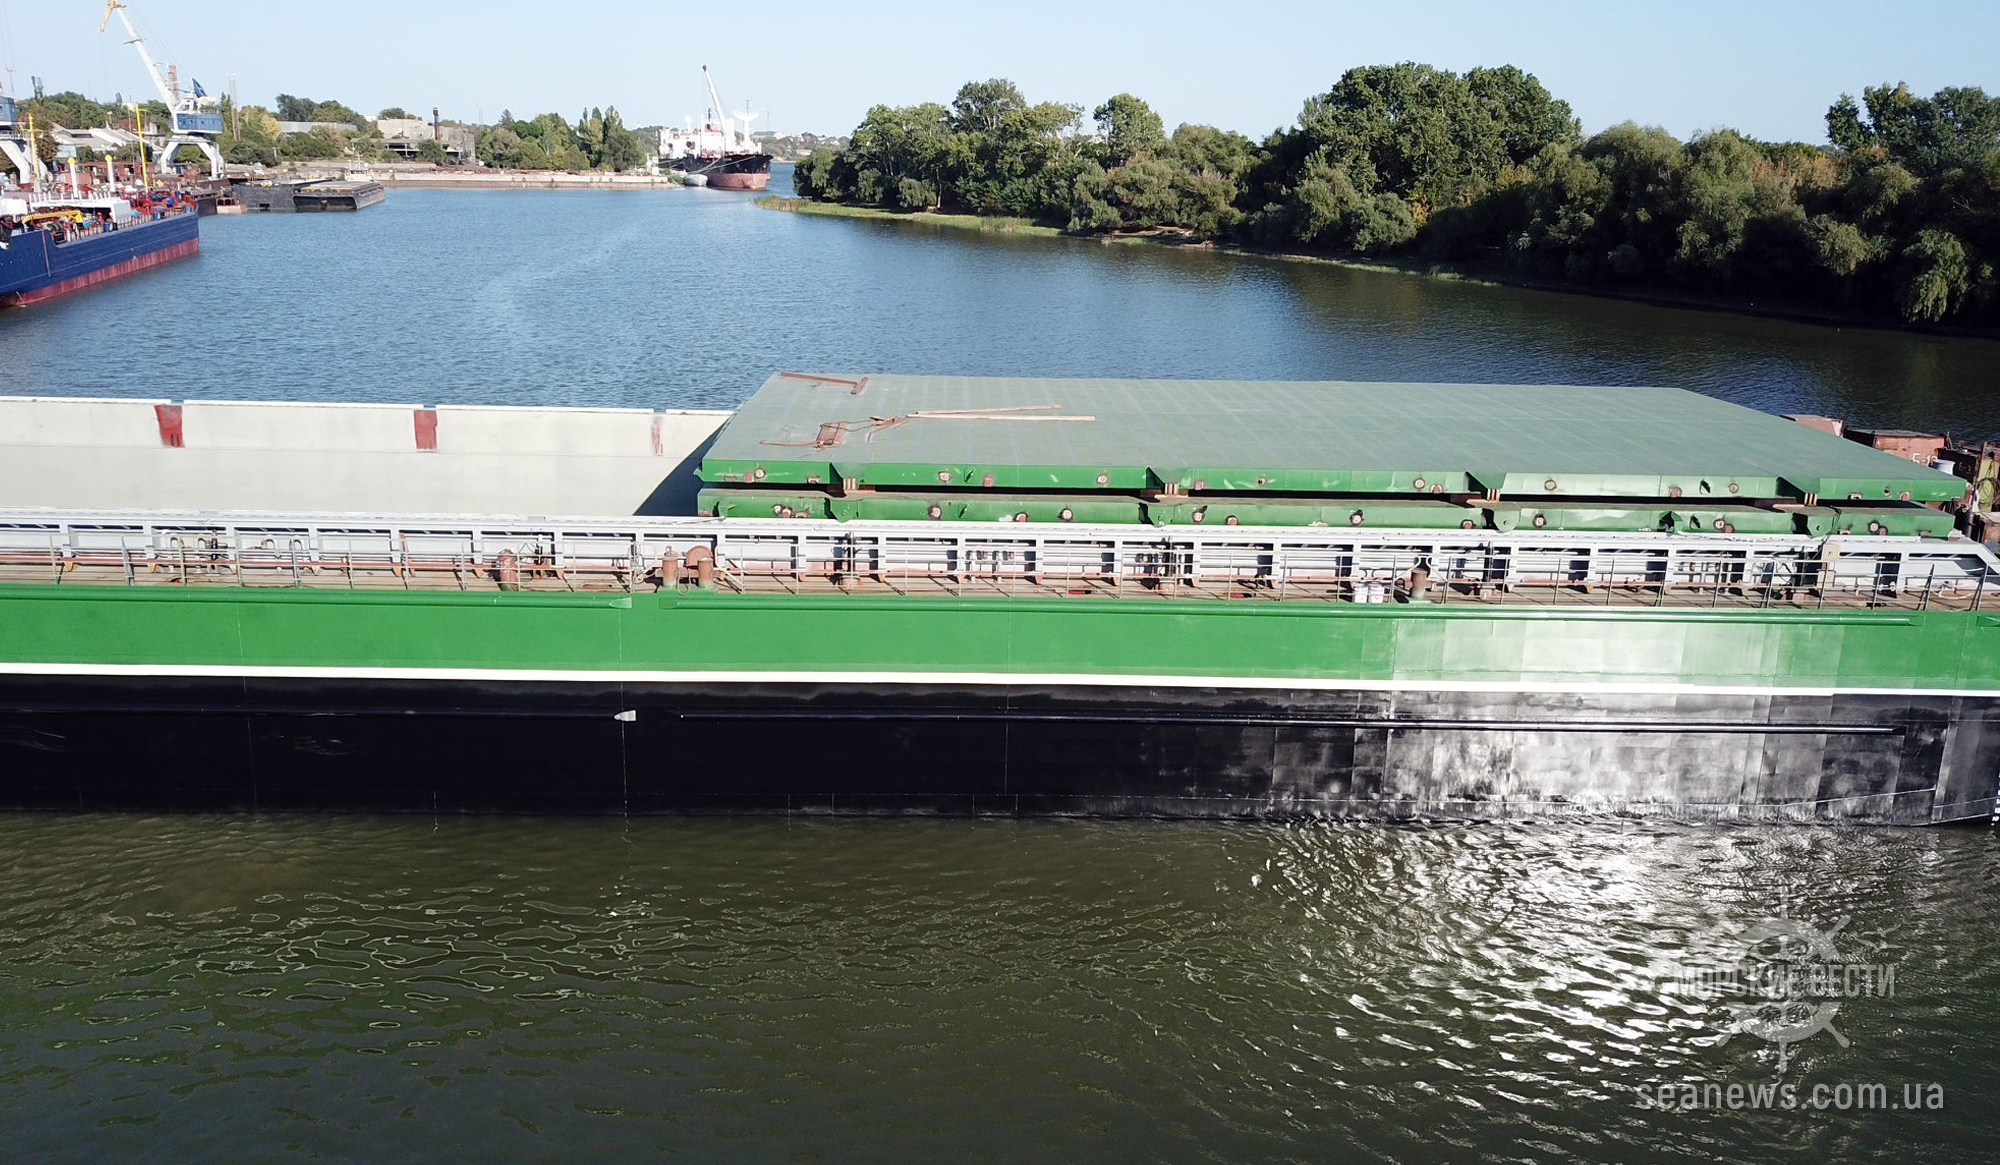 В Дунай спустили самую большую в Украине баржу